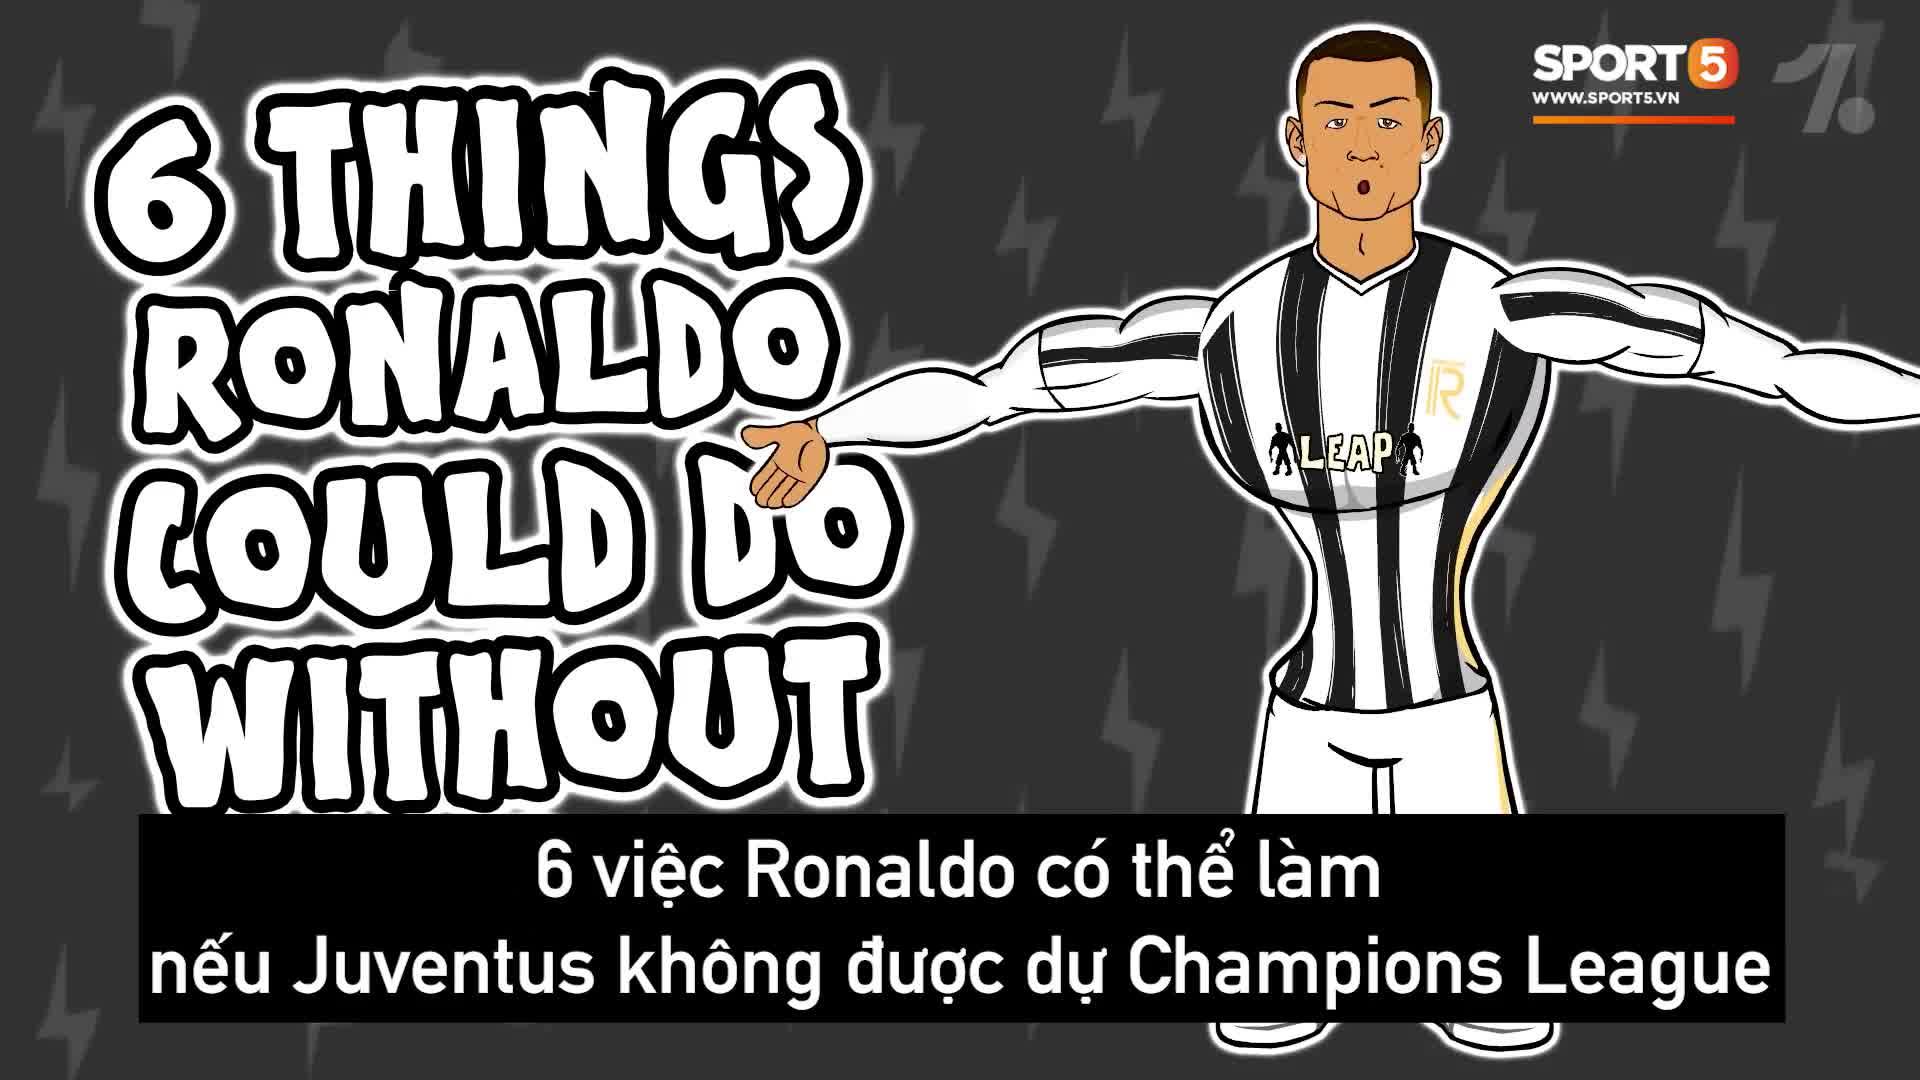 6 việc Ronaldo có thể làm nếu Juventus không được dự Champions League